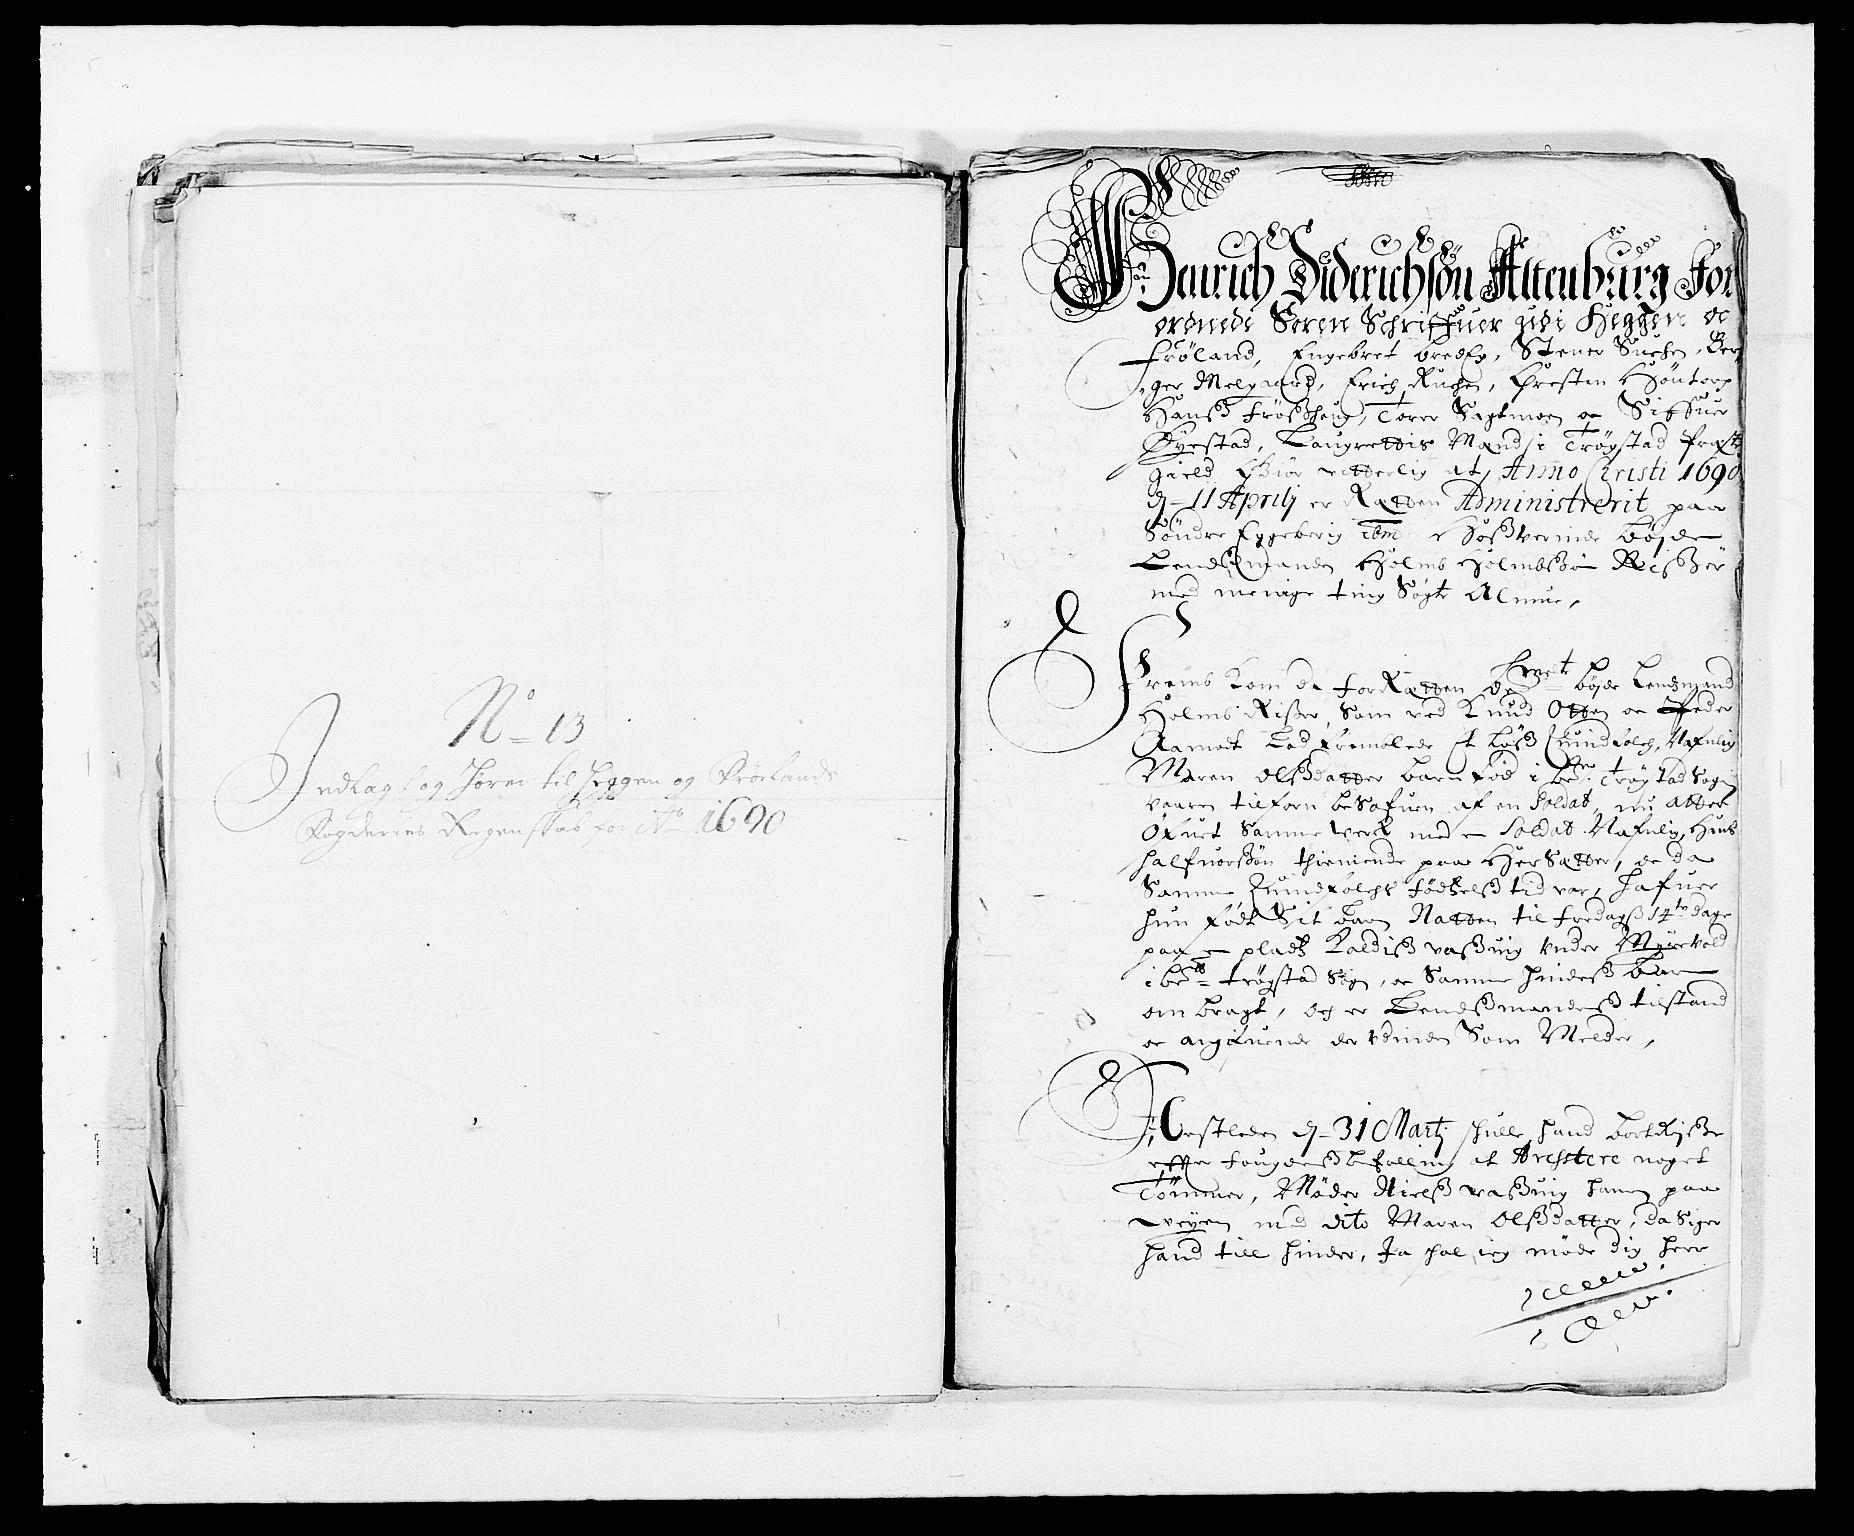 RA, Rentekammeret inntil 1814, Reviderte regnskaper, Fogderegnskap, R06/L0282: Fogderegnskap Heggen og Frøland, 1687-1690, s. 285